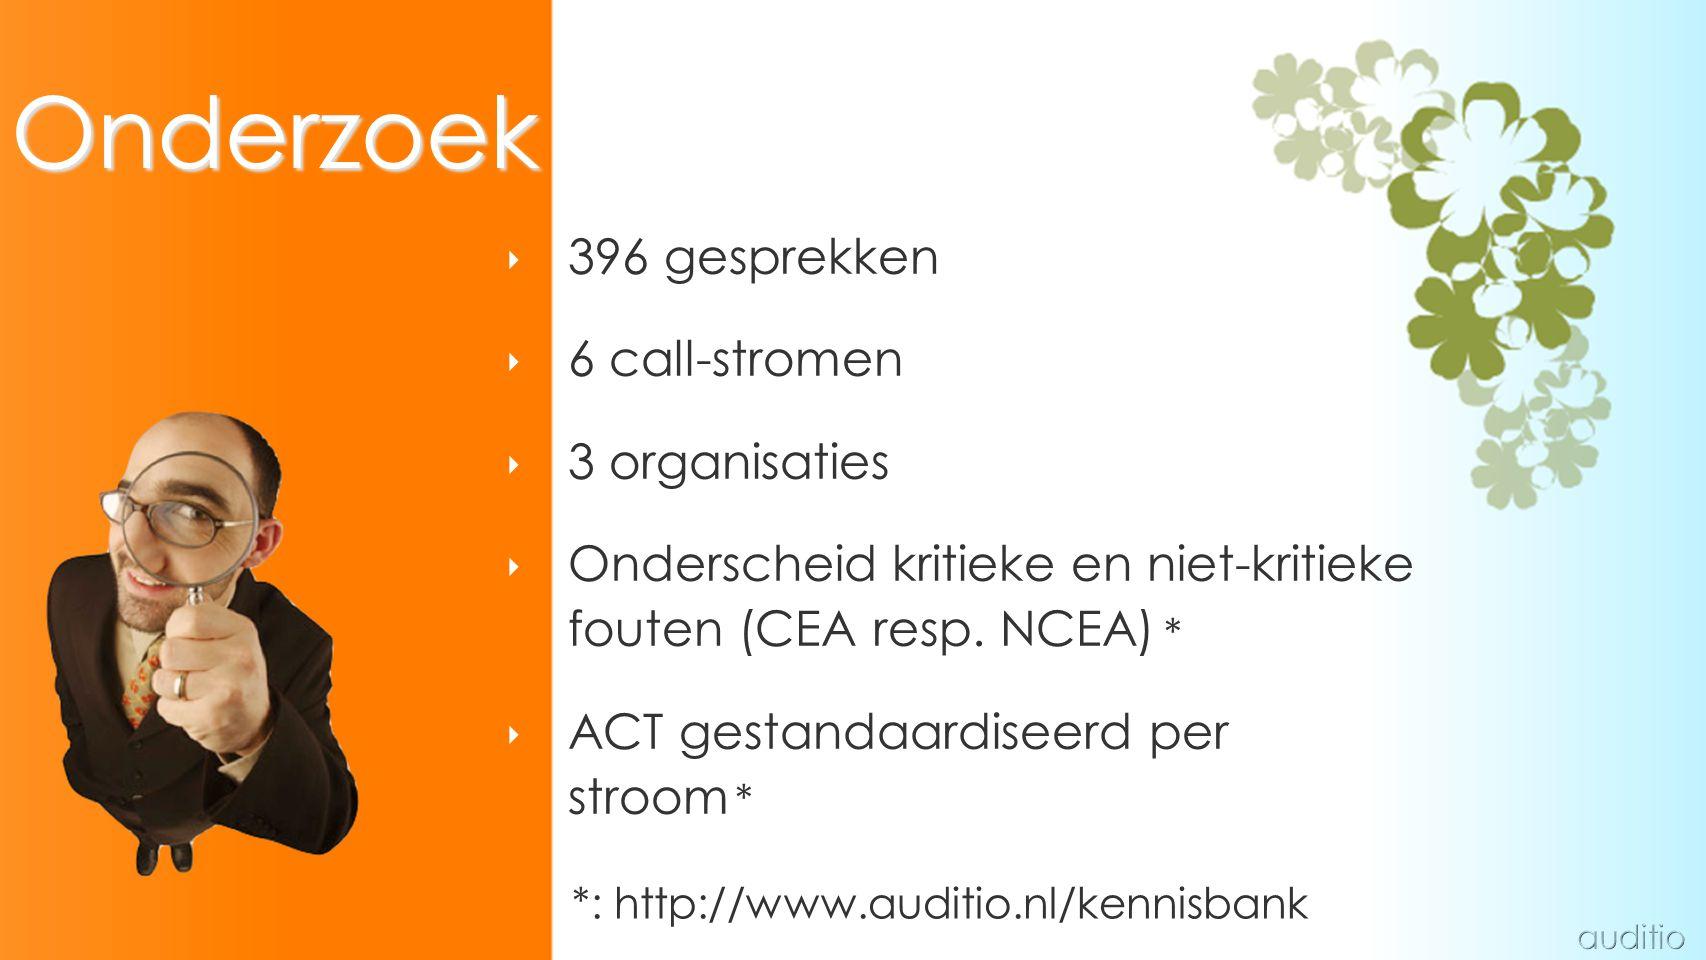 Onderzoek ‣ 396 gesprekken ‣ 6 call-stromen ‣ 3 organisaties ‣ Onderscheid kritieke en niet-kritieke fouten (CEA resp.